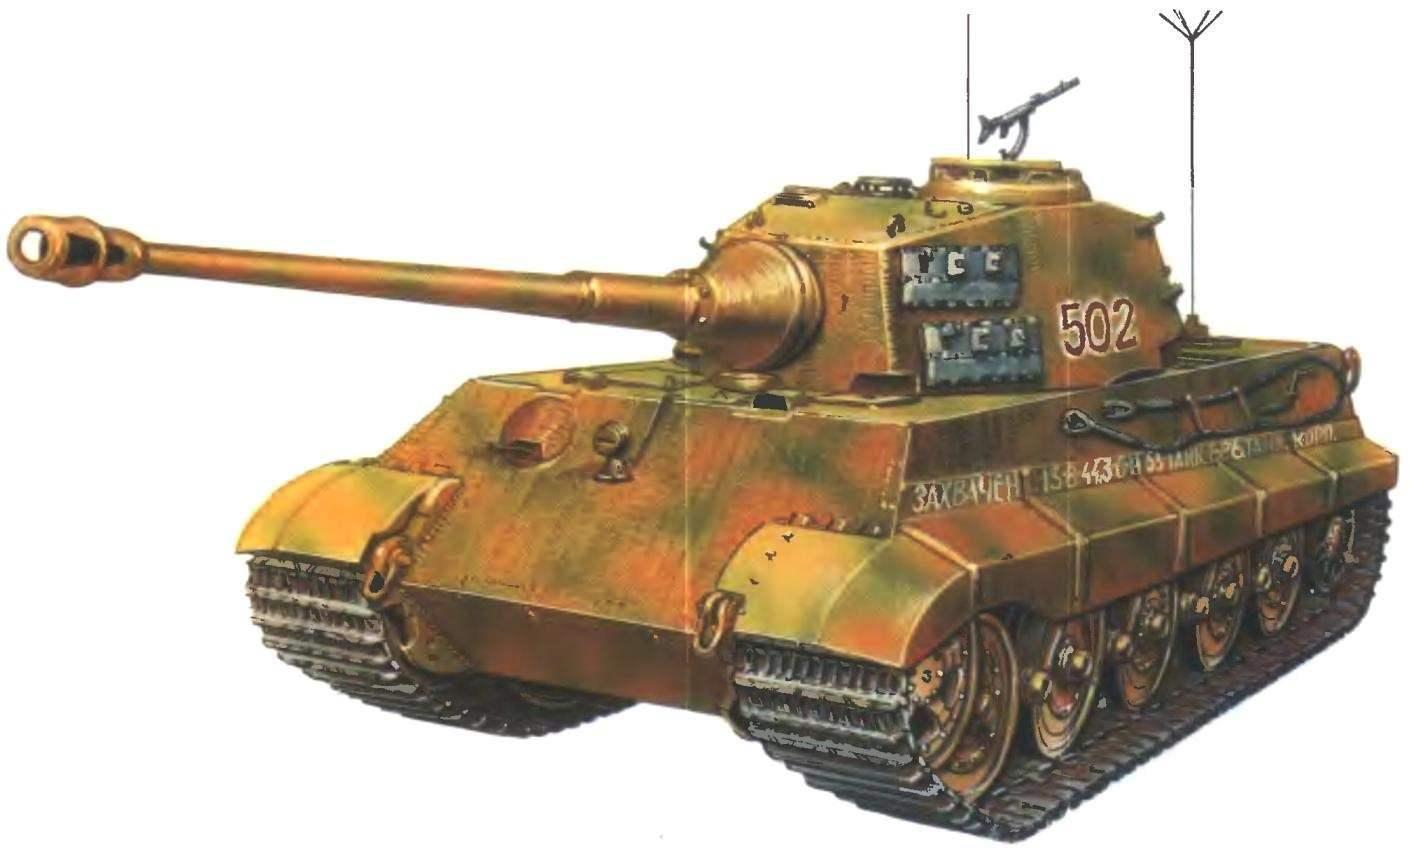 Pz. VI Ausf. В. 501-й тяжелый танковый батальон. Был захвачен на Сандомирском плацдарме бойцами 53-й гвардейской танковой бригады Красной Армии. Польша, август 1944 года